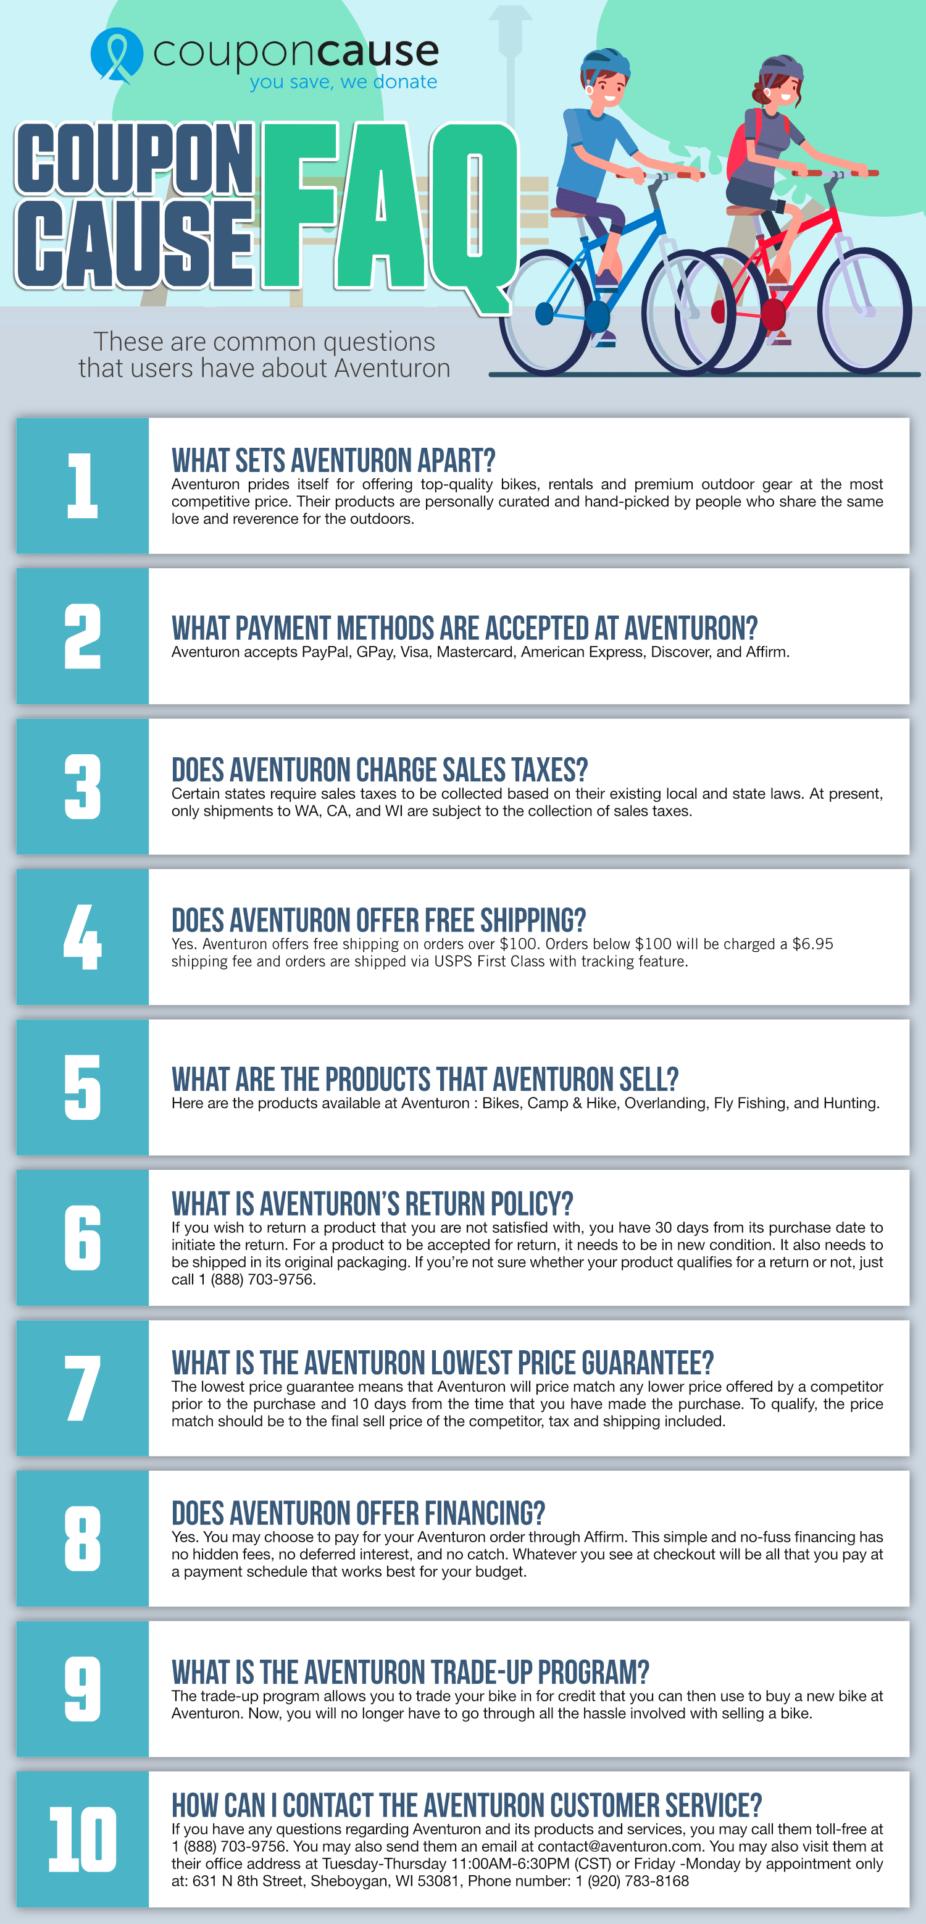 Aventuron Coupon Cause FAQ (C.C. FAQ)